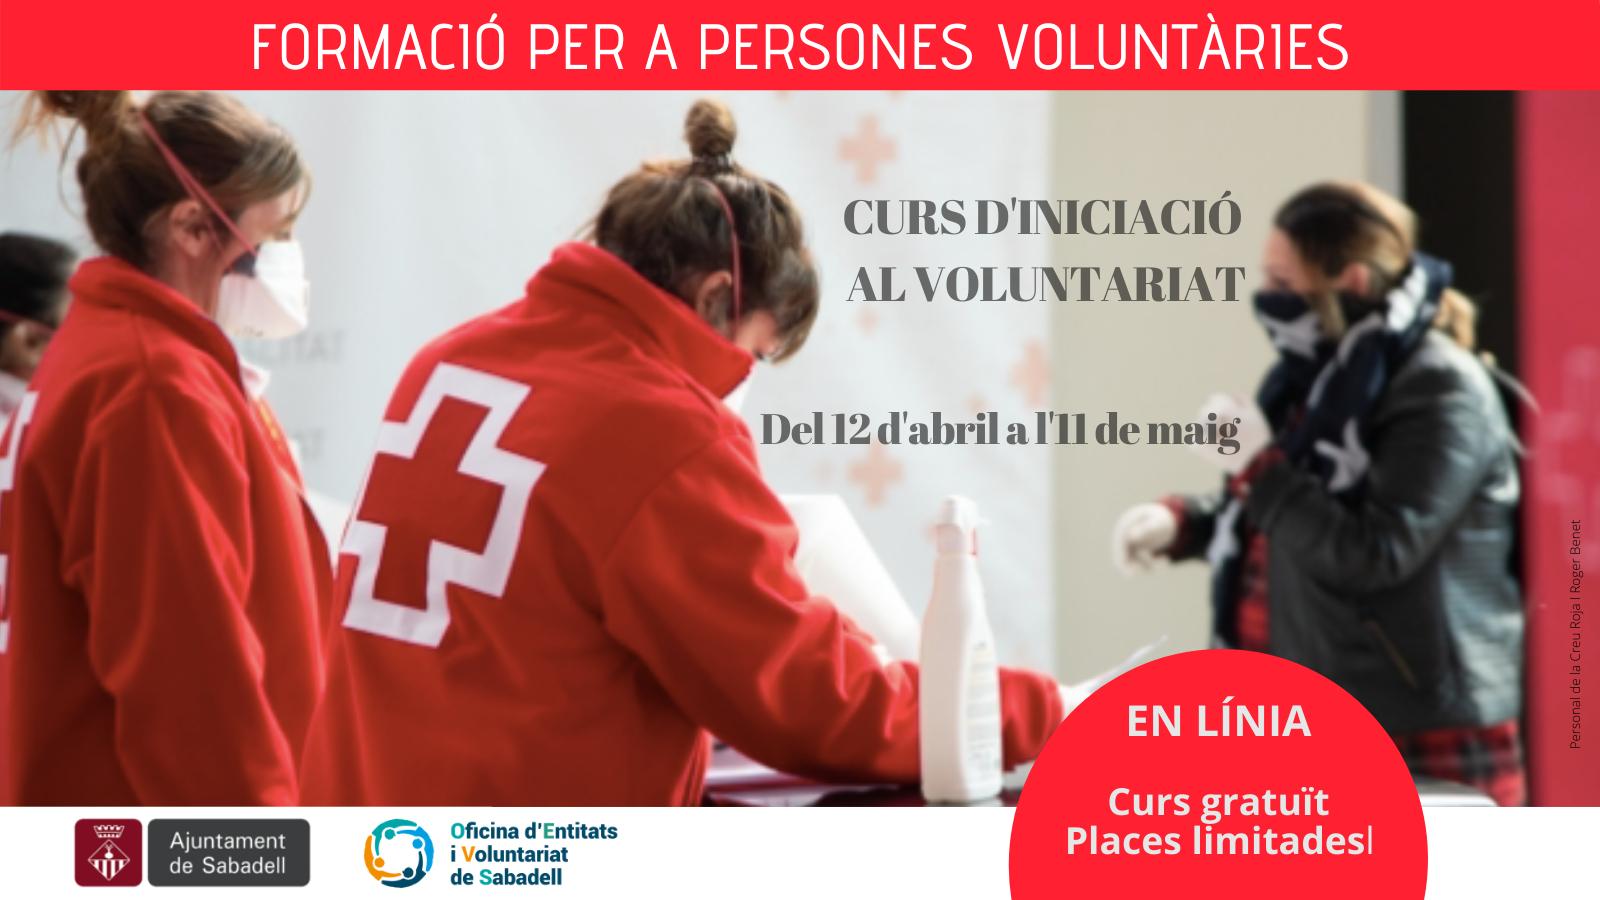 Obertes les inscripcions per a un nou curs en línia d'iniciació al voluntariat